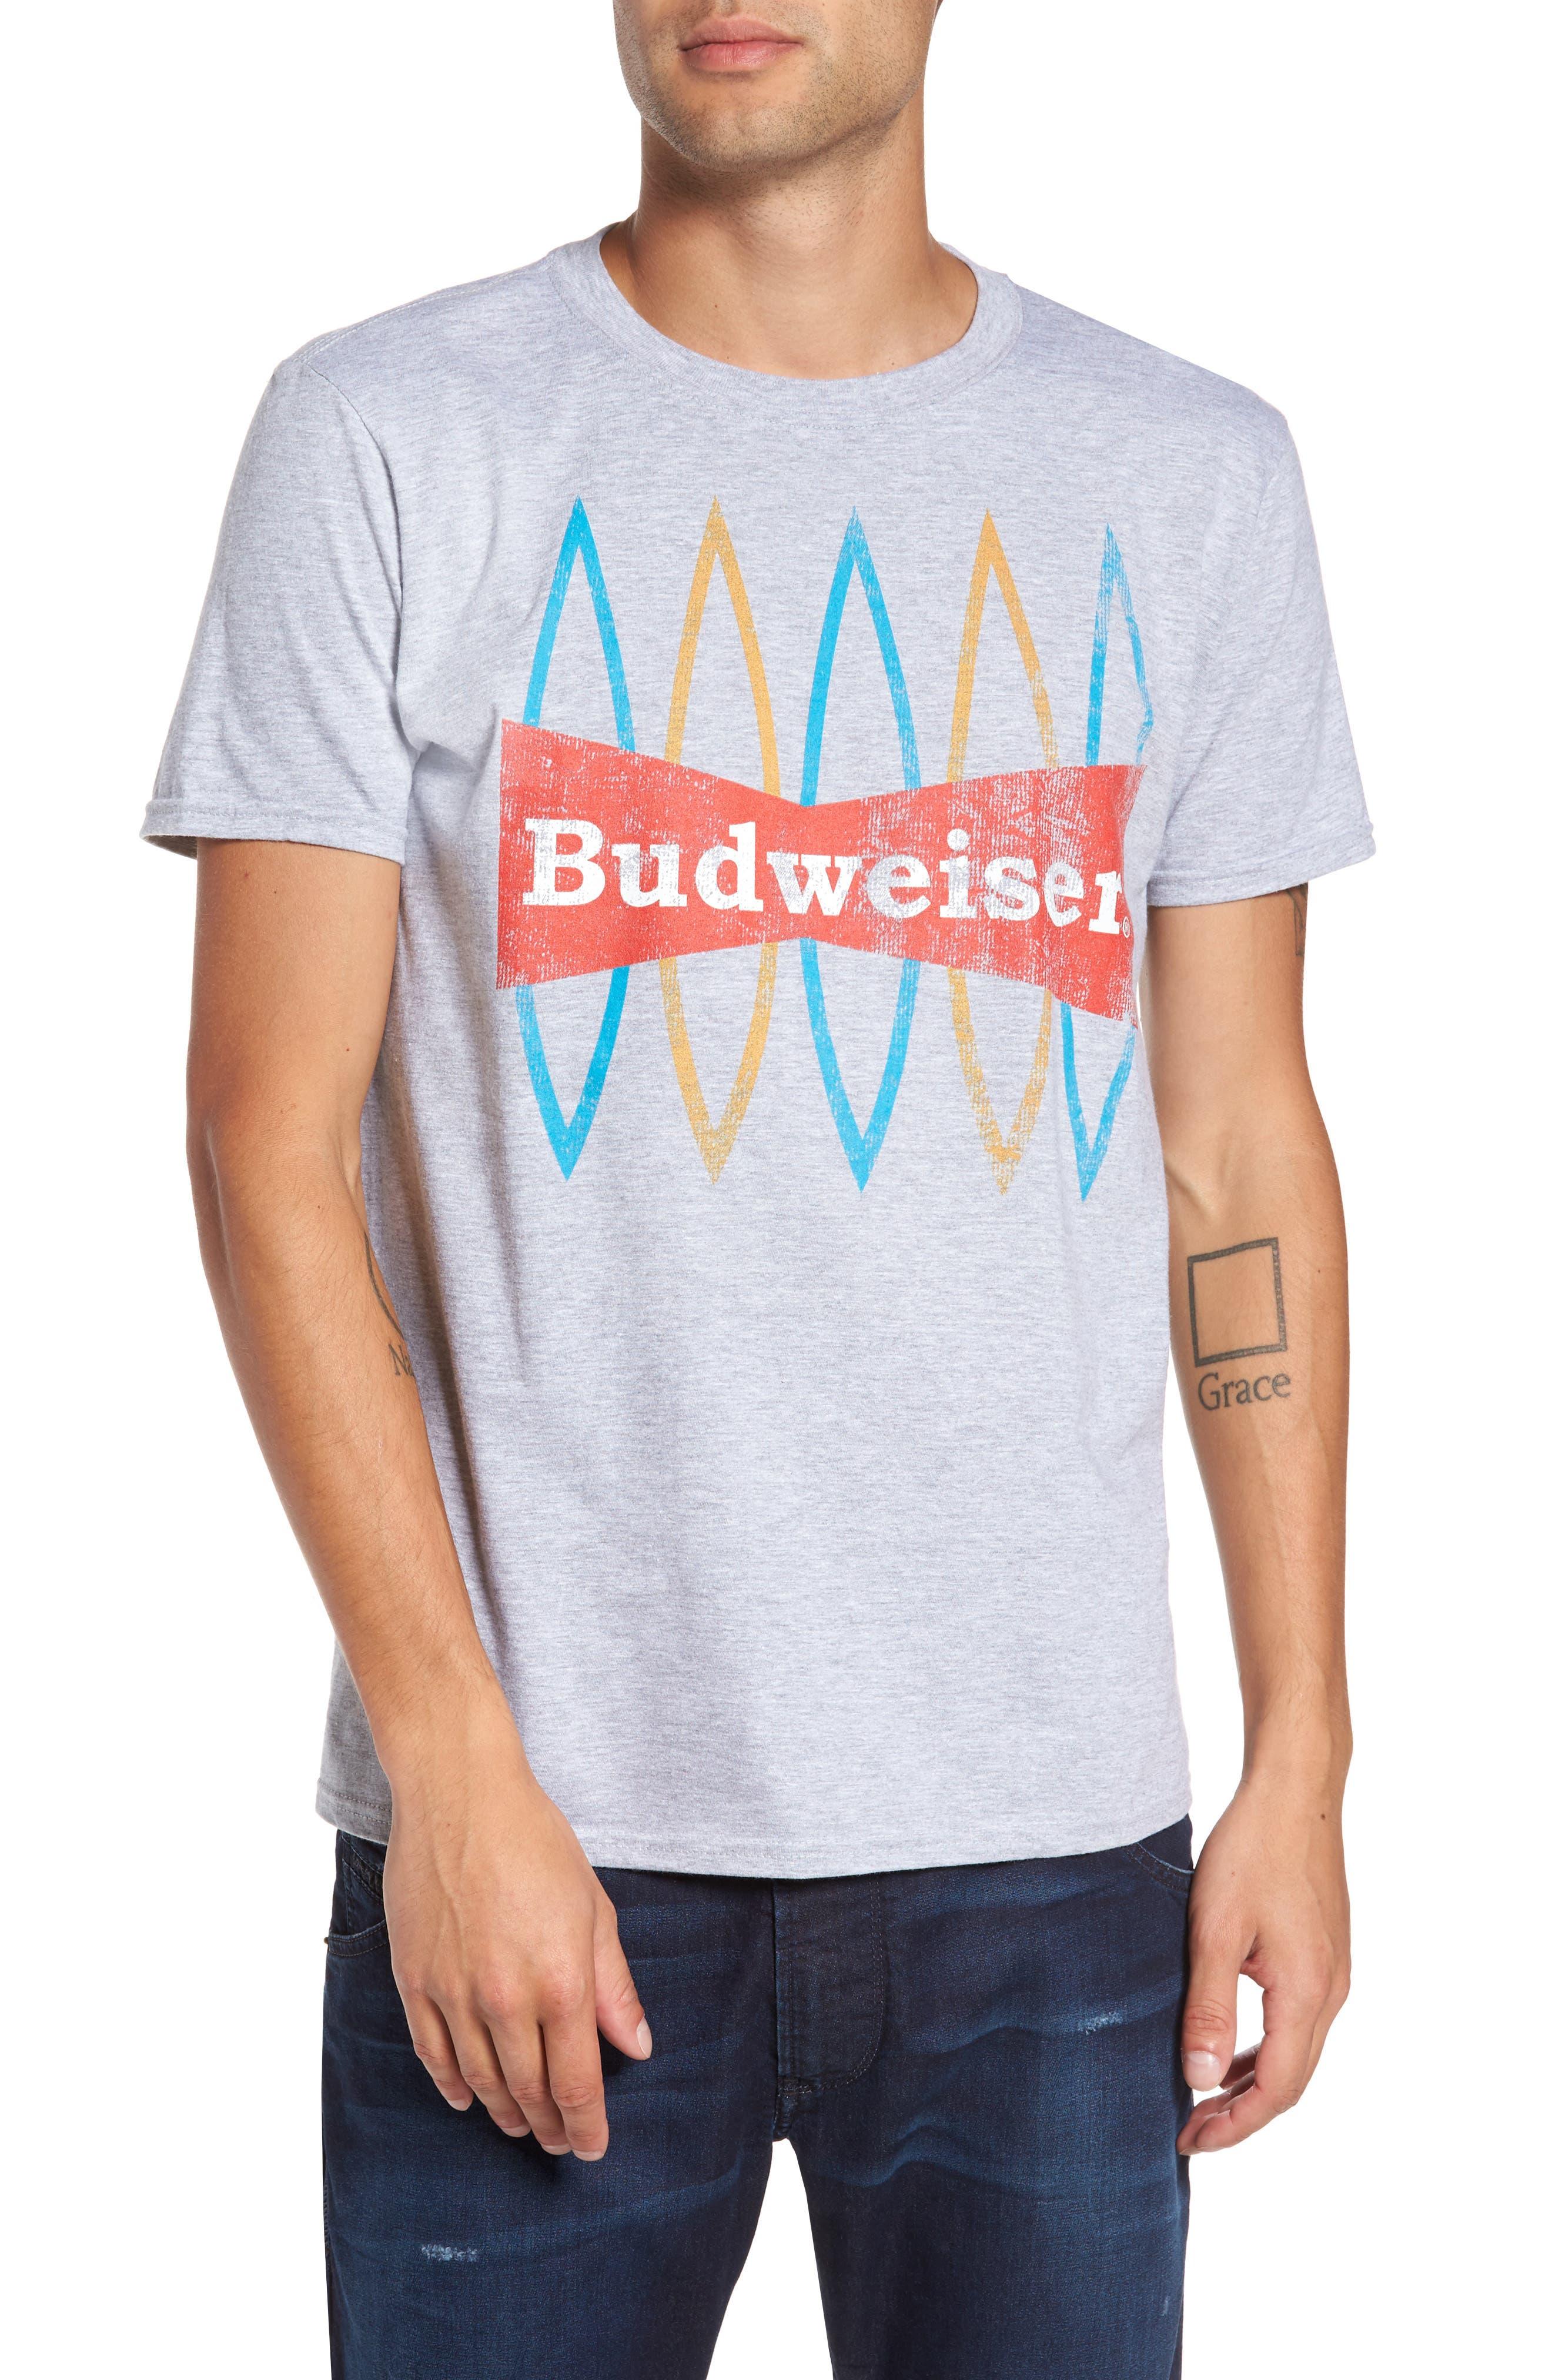 Budweiser<sup>®</sup> T-Shirt,                             Main thumbnail 1, color,                             030